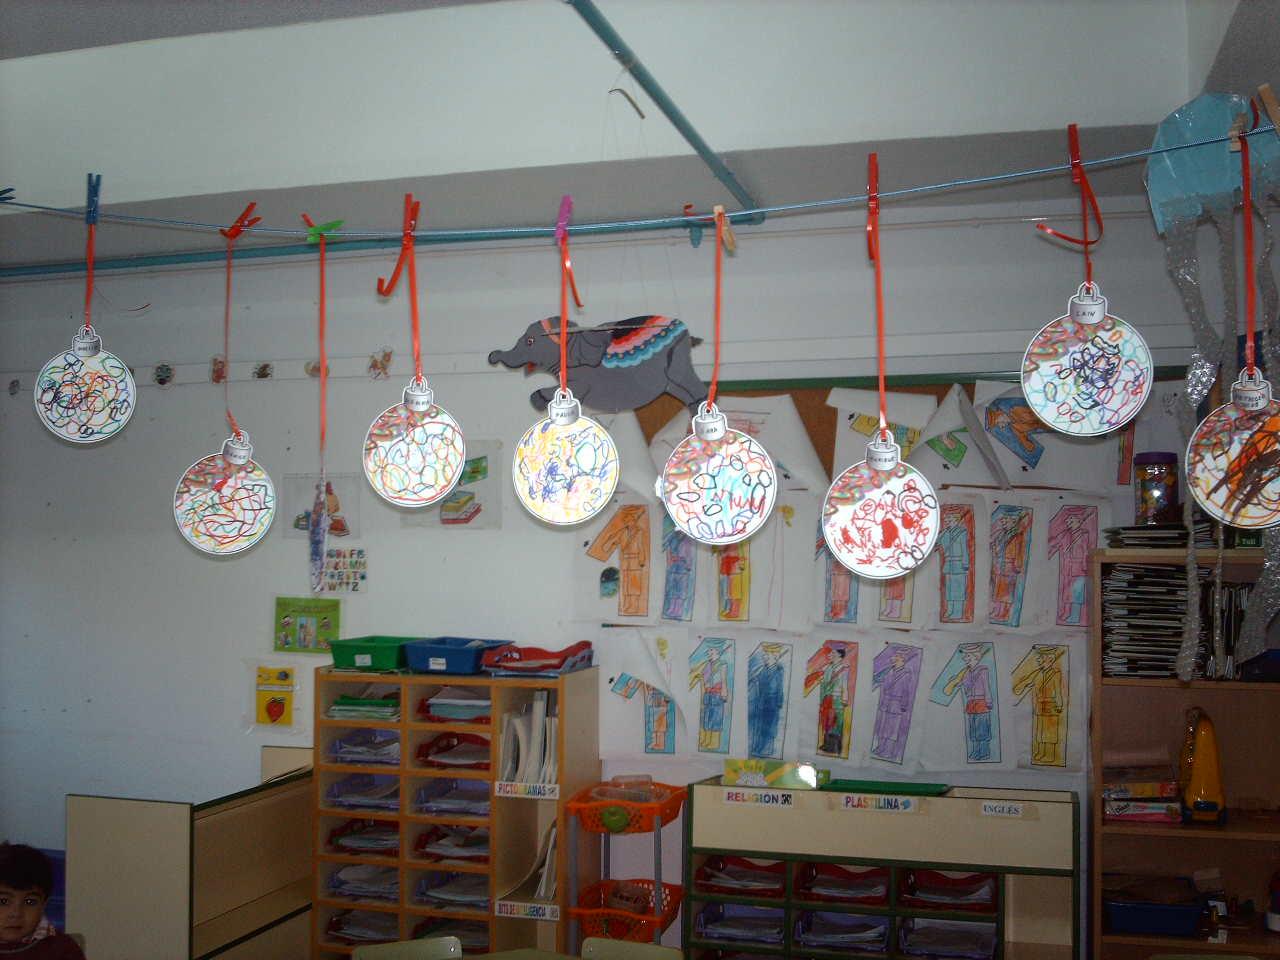 Mi aula de infantil decoraci n de la navidad for Ideas decoracion navidad colegio